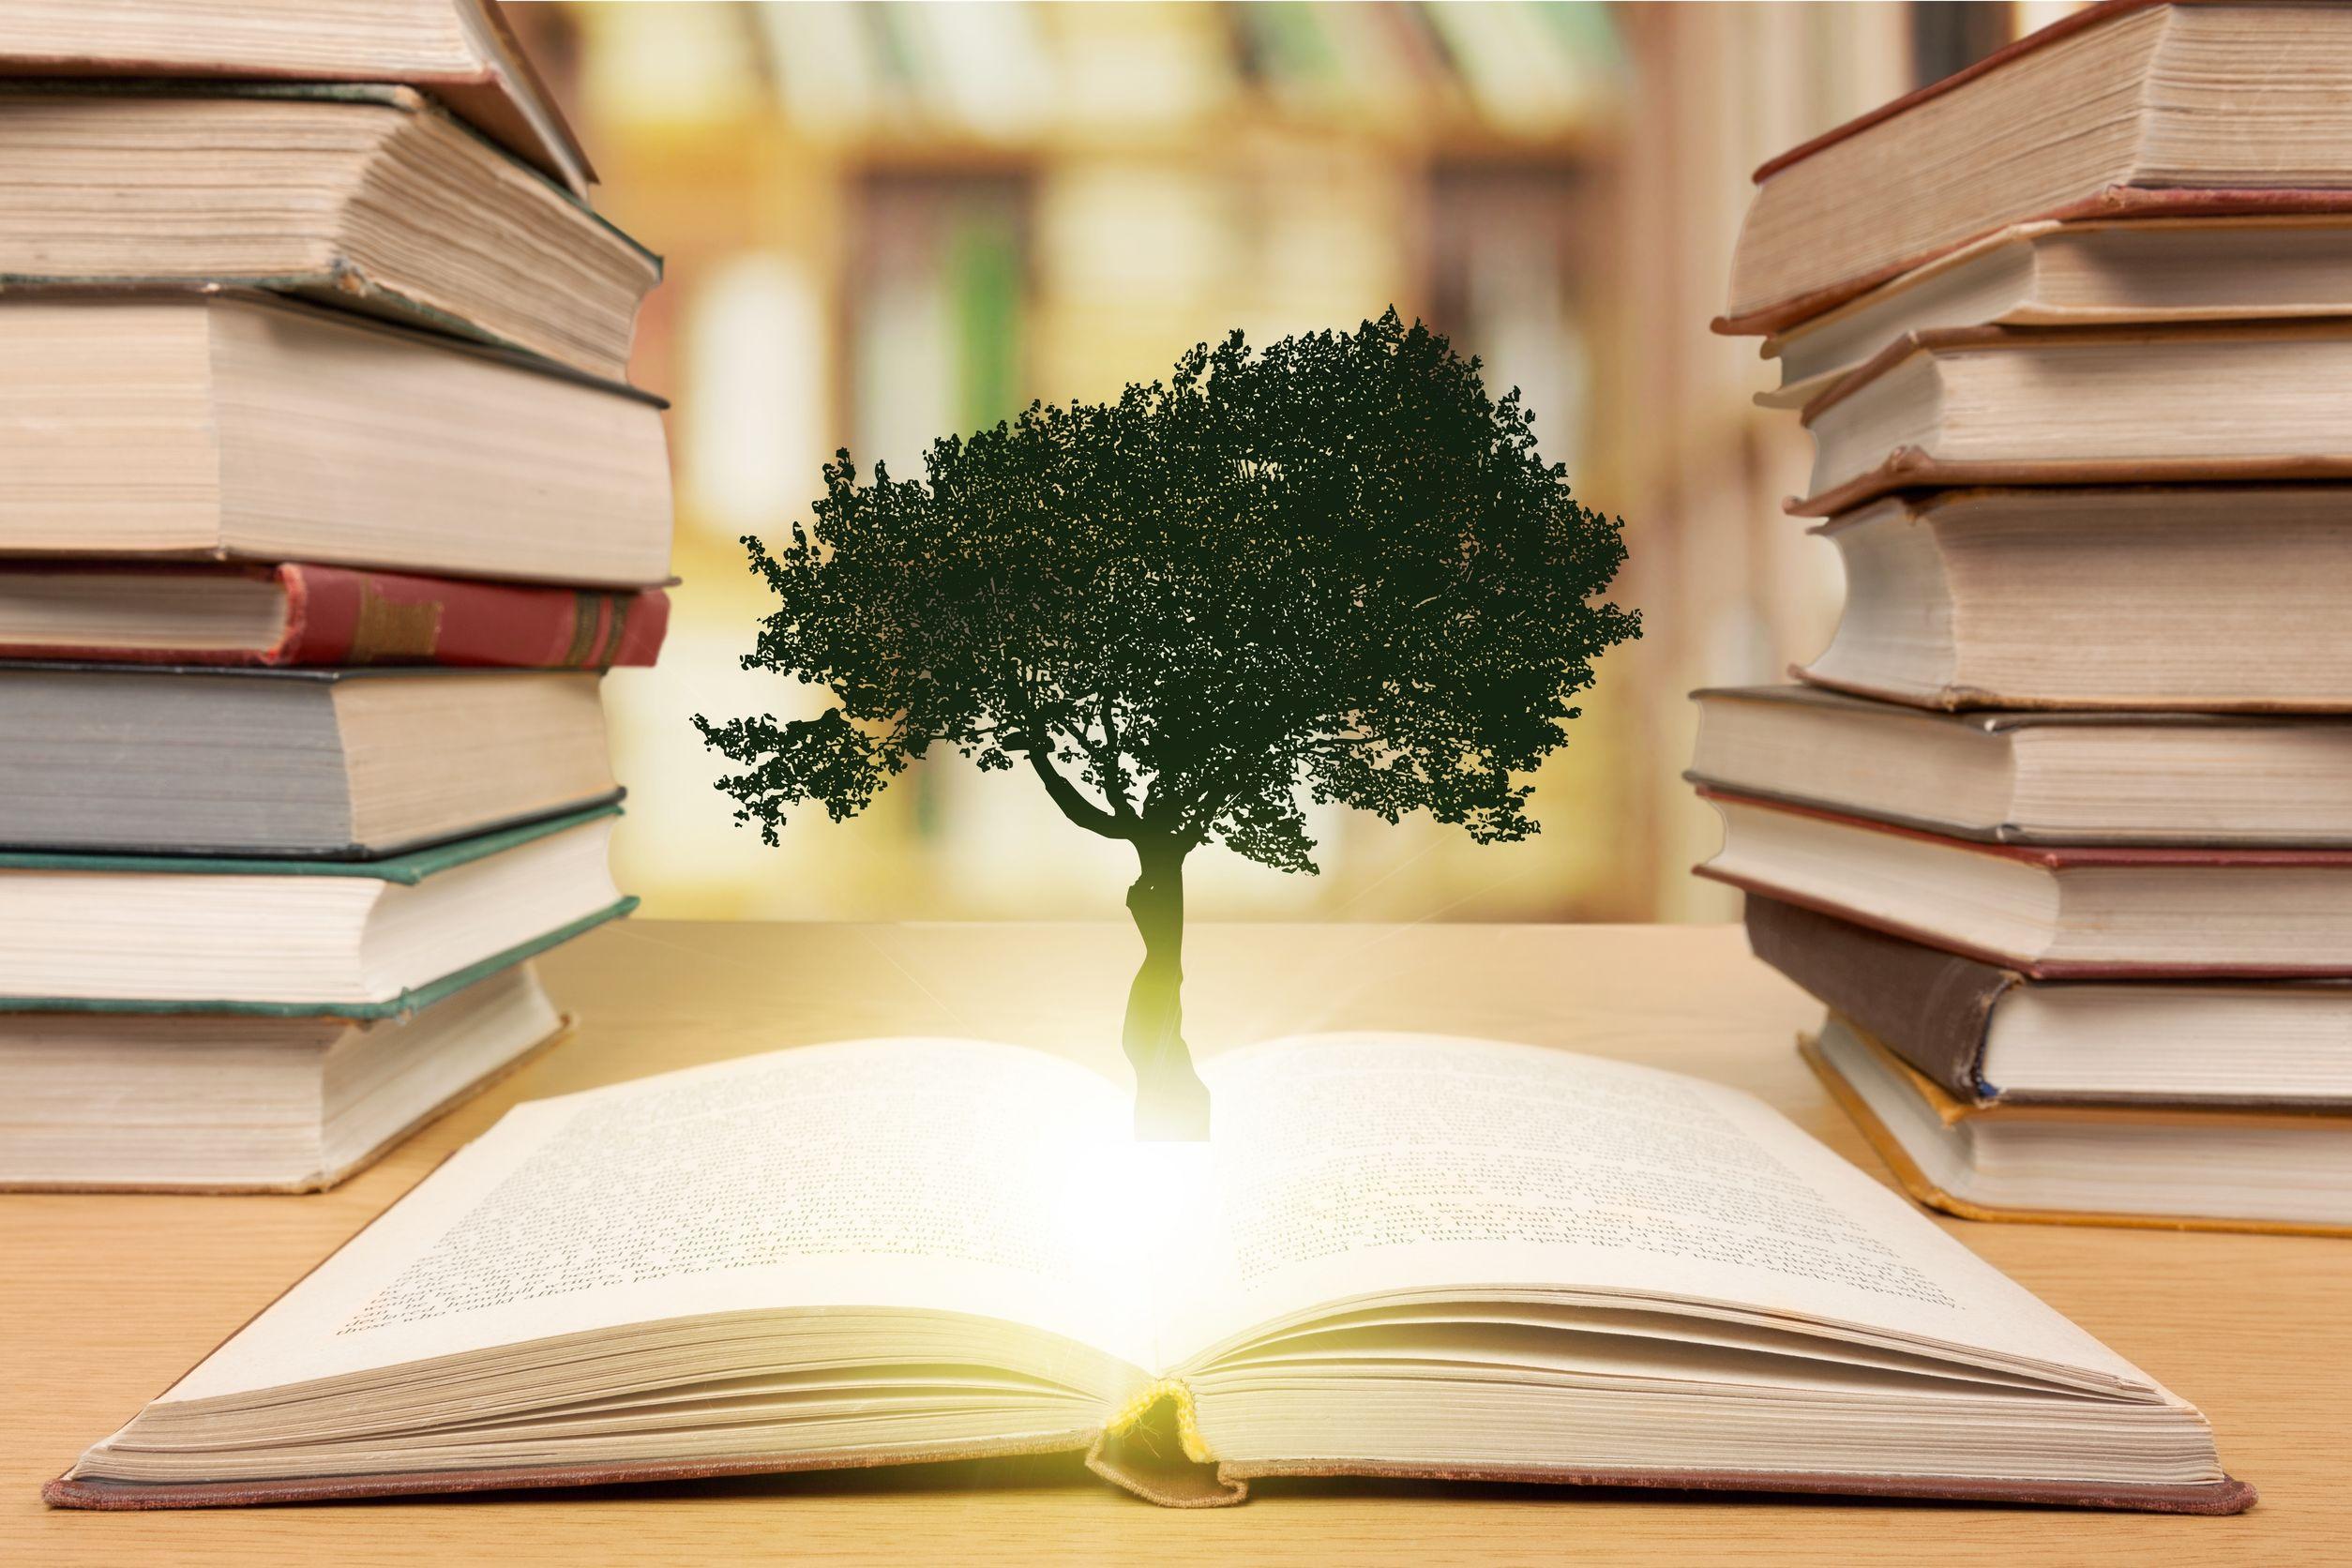 Livro aberto com uma árvore crescendo no meio.